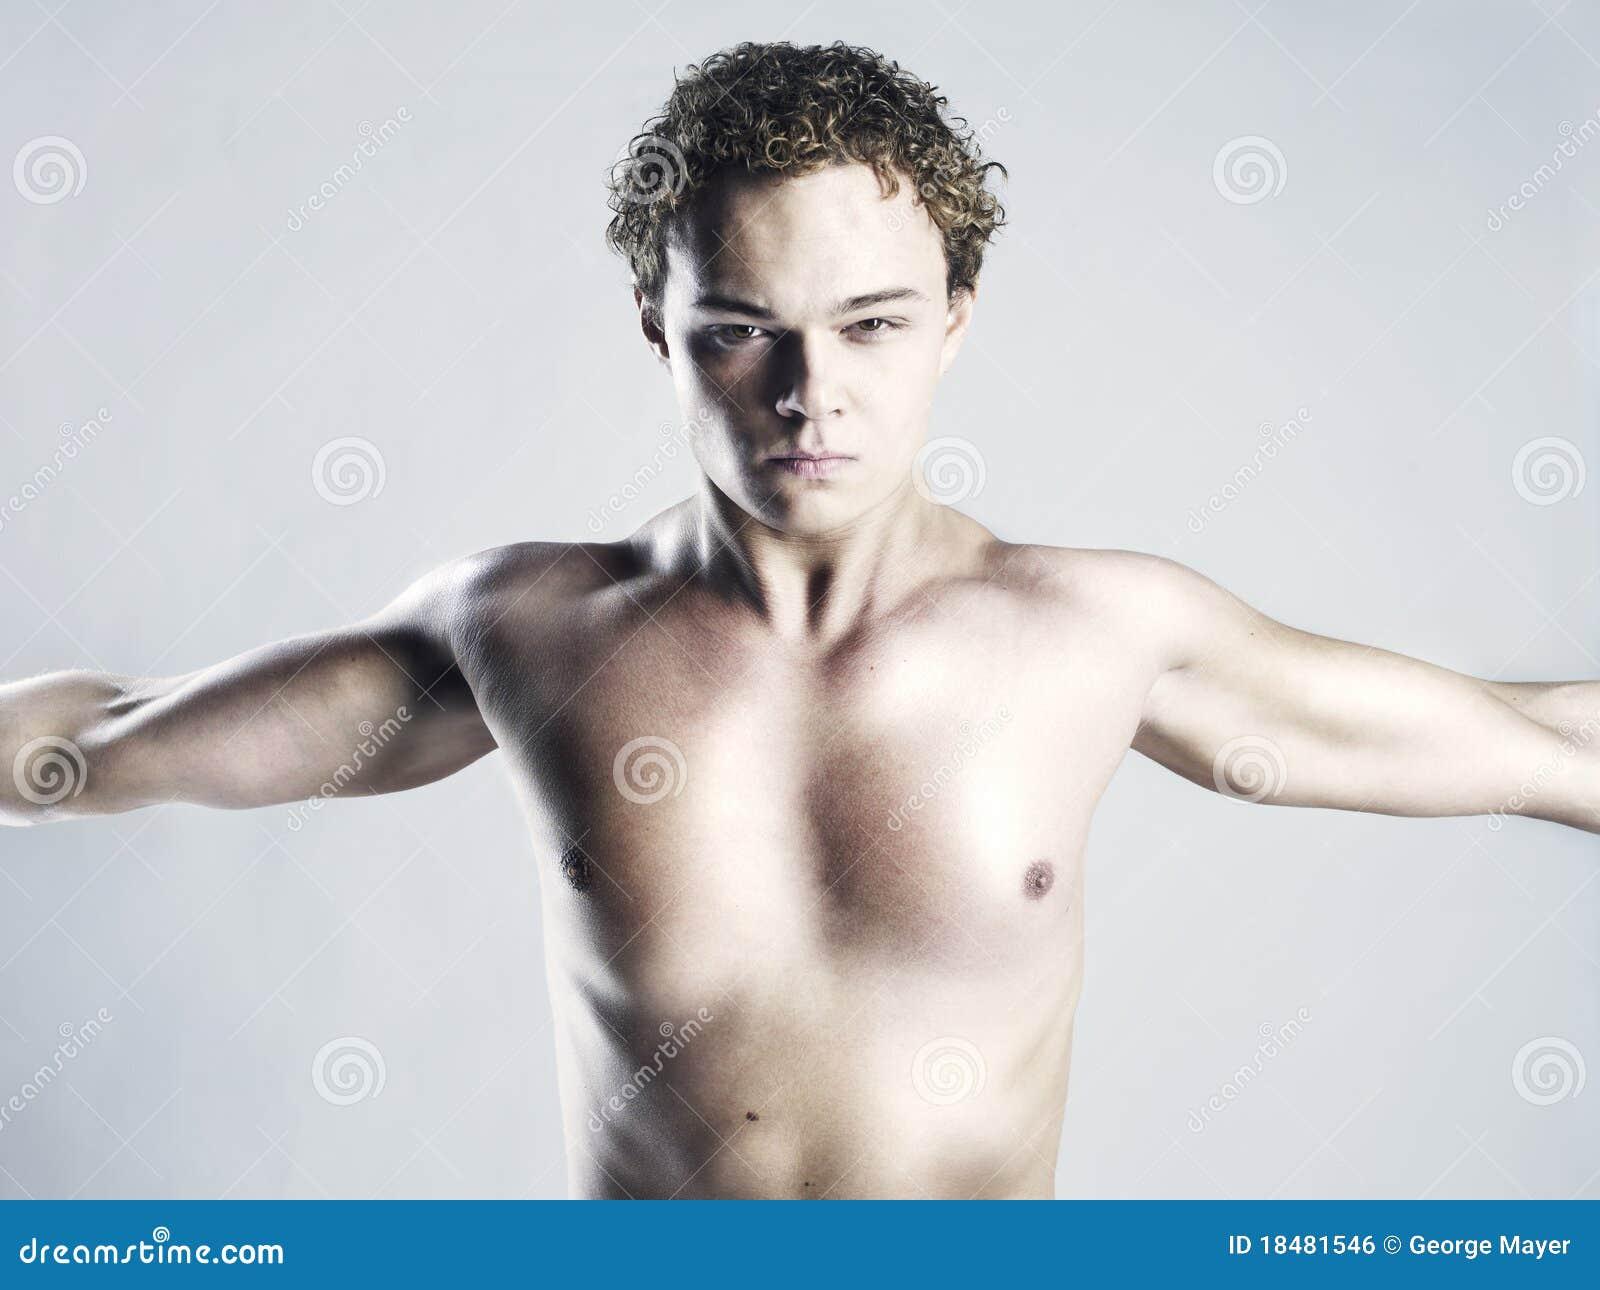 Kent massage boobs